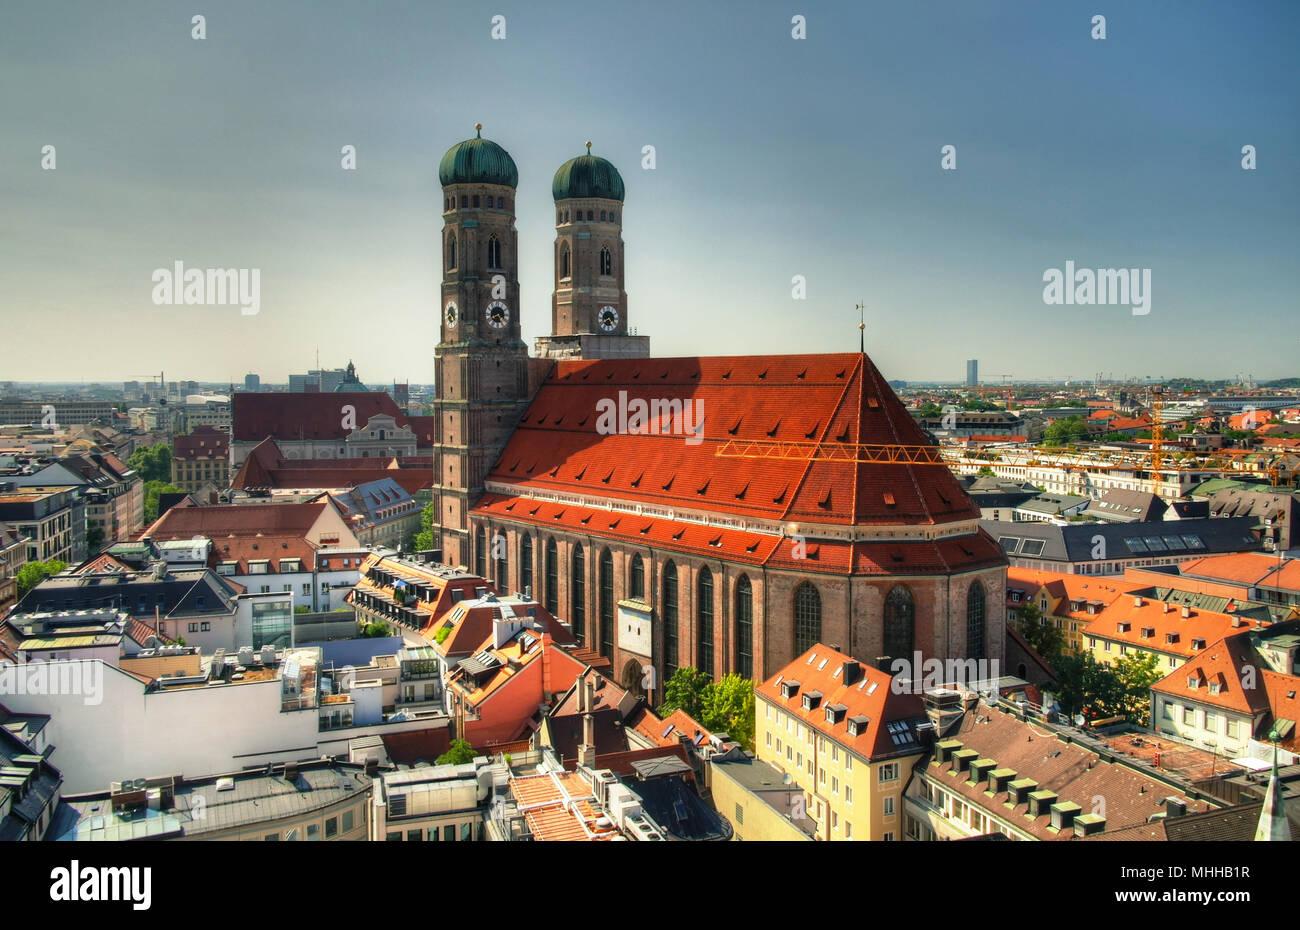 Vue aérienne de l'église Frauenkirche à Munich, Allemagne Photo Stock